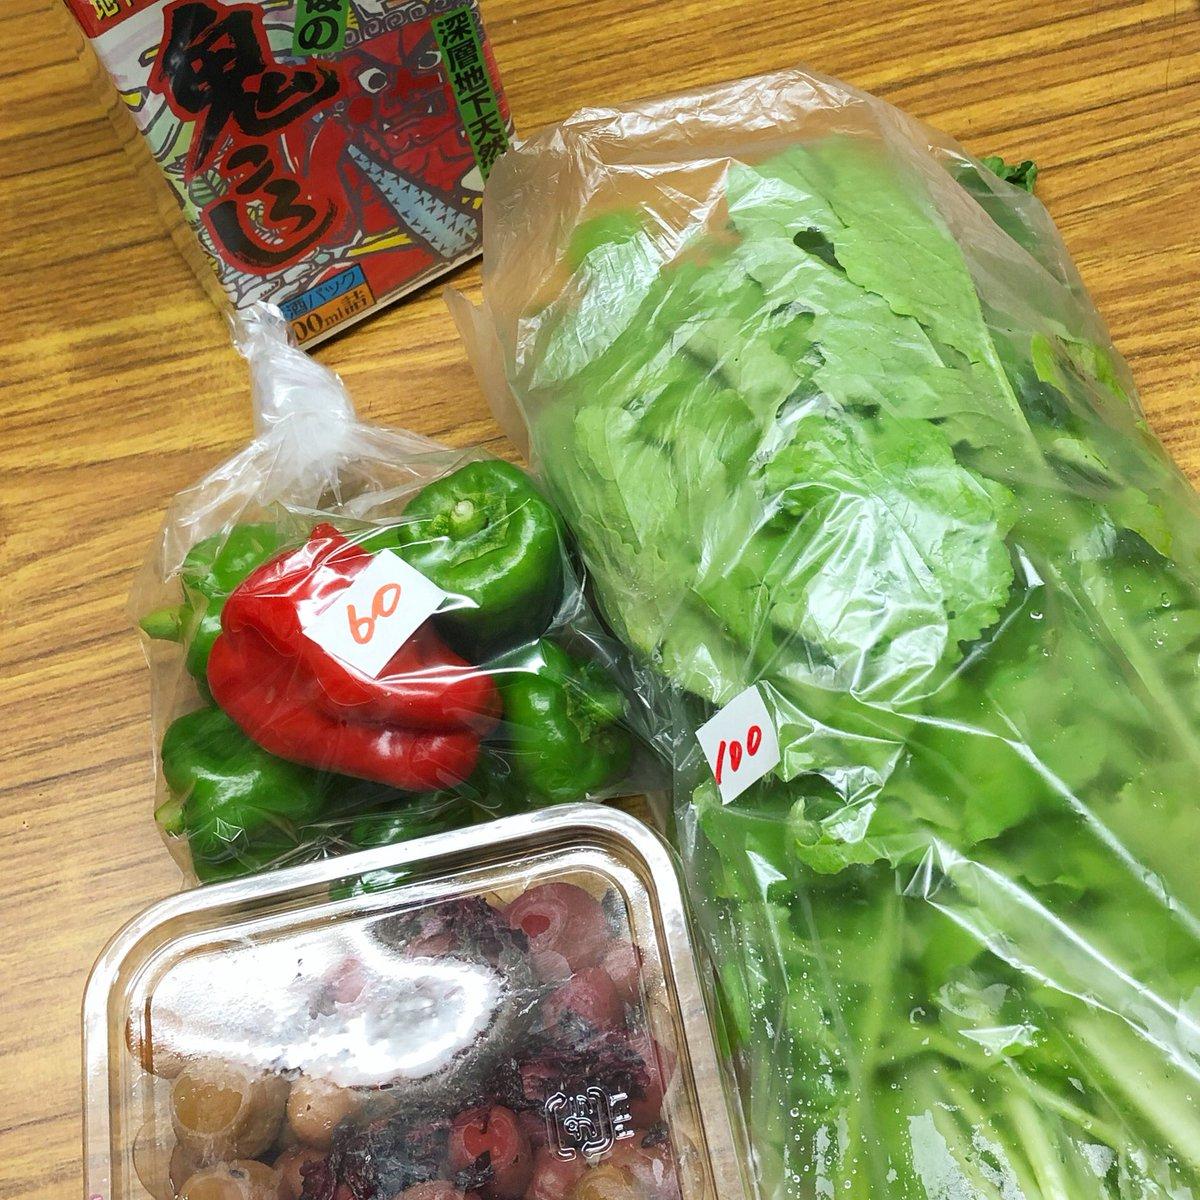 我が家のお野菜ちょい買いスポットのひとつ、本田町交差点付近の露木酒店さんではお酒、駄菓子、お野菜を売っています。今日は梅農家さんが作った #自家製 カリカリ梅もありました。 #沼津 https://t.co/Y4seVTvu5v